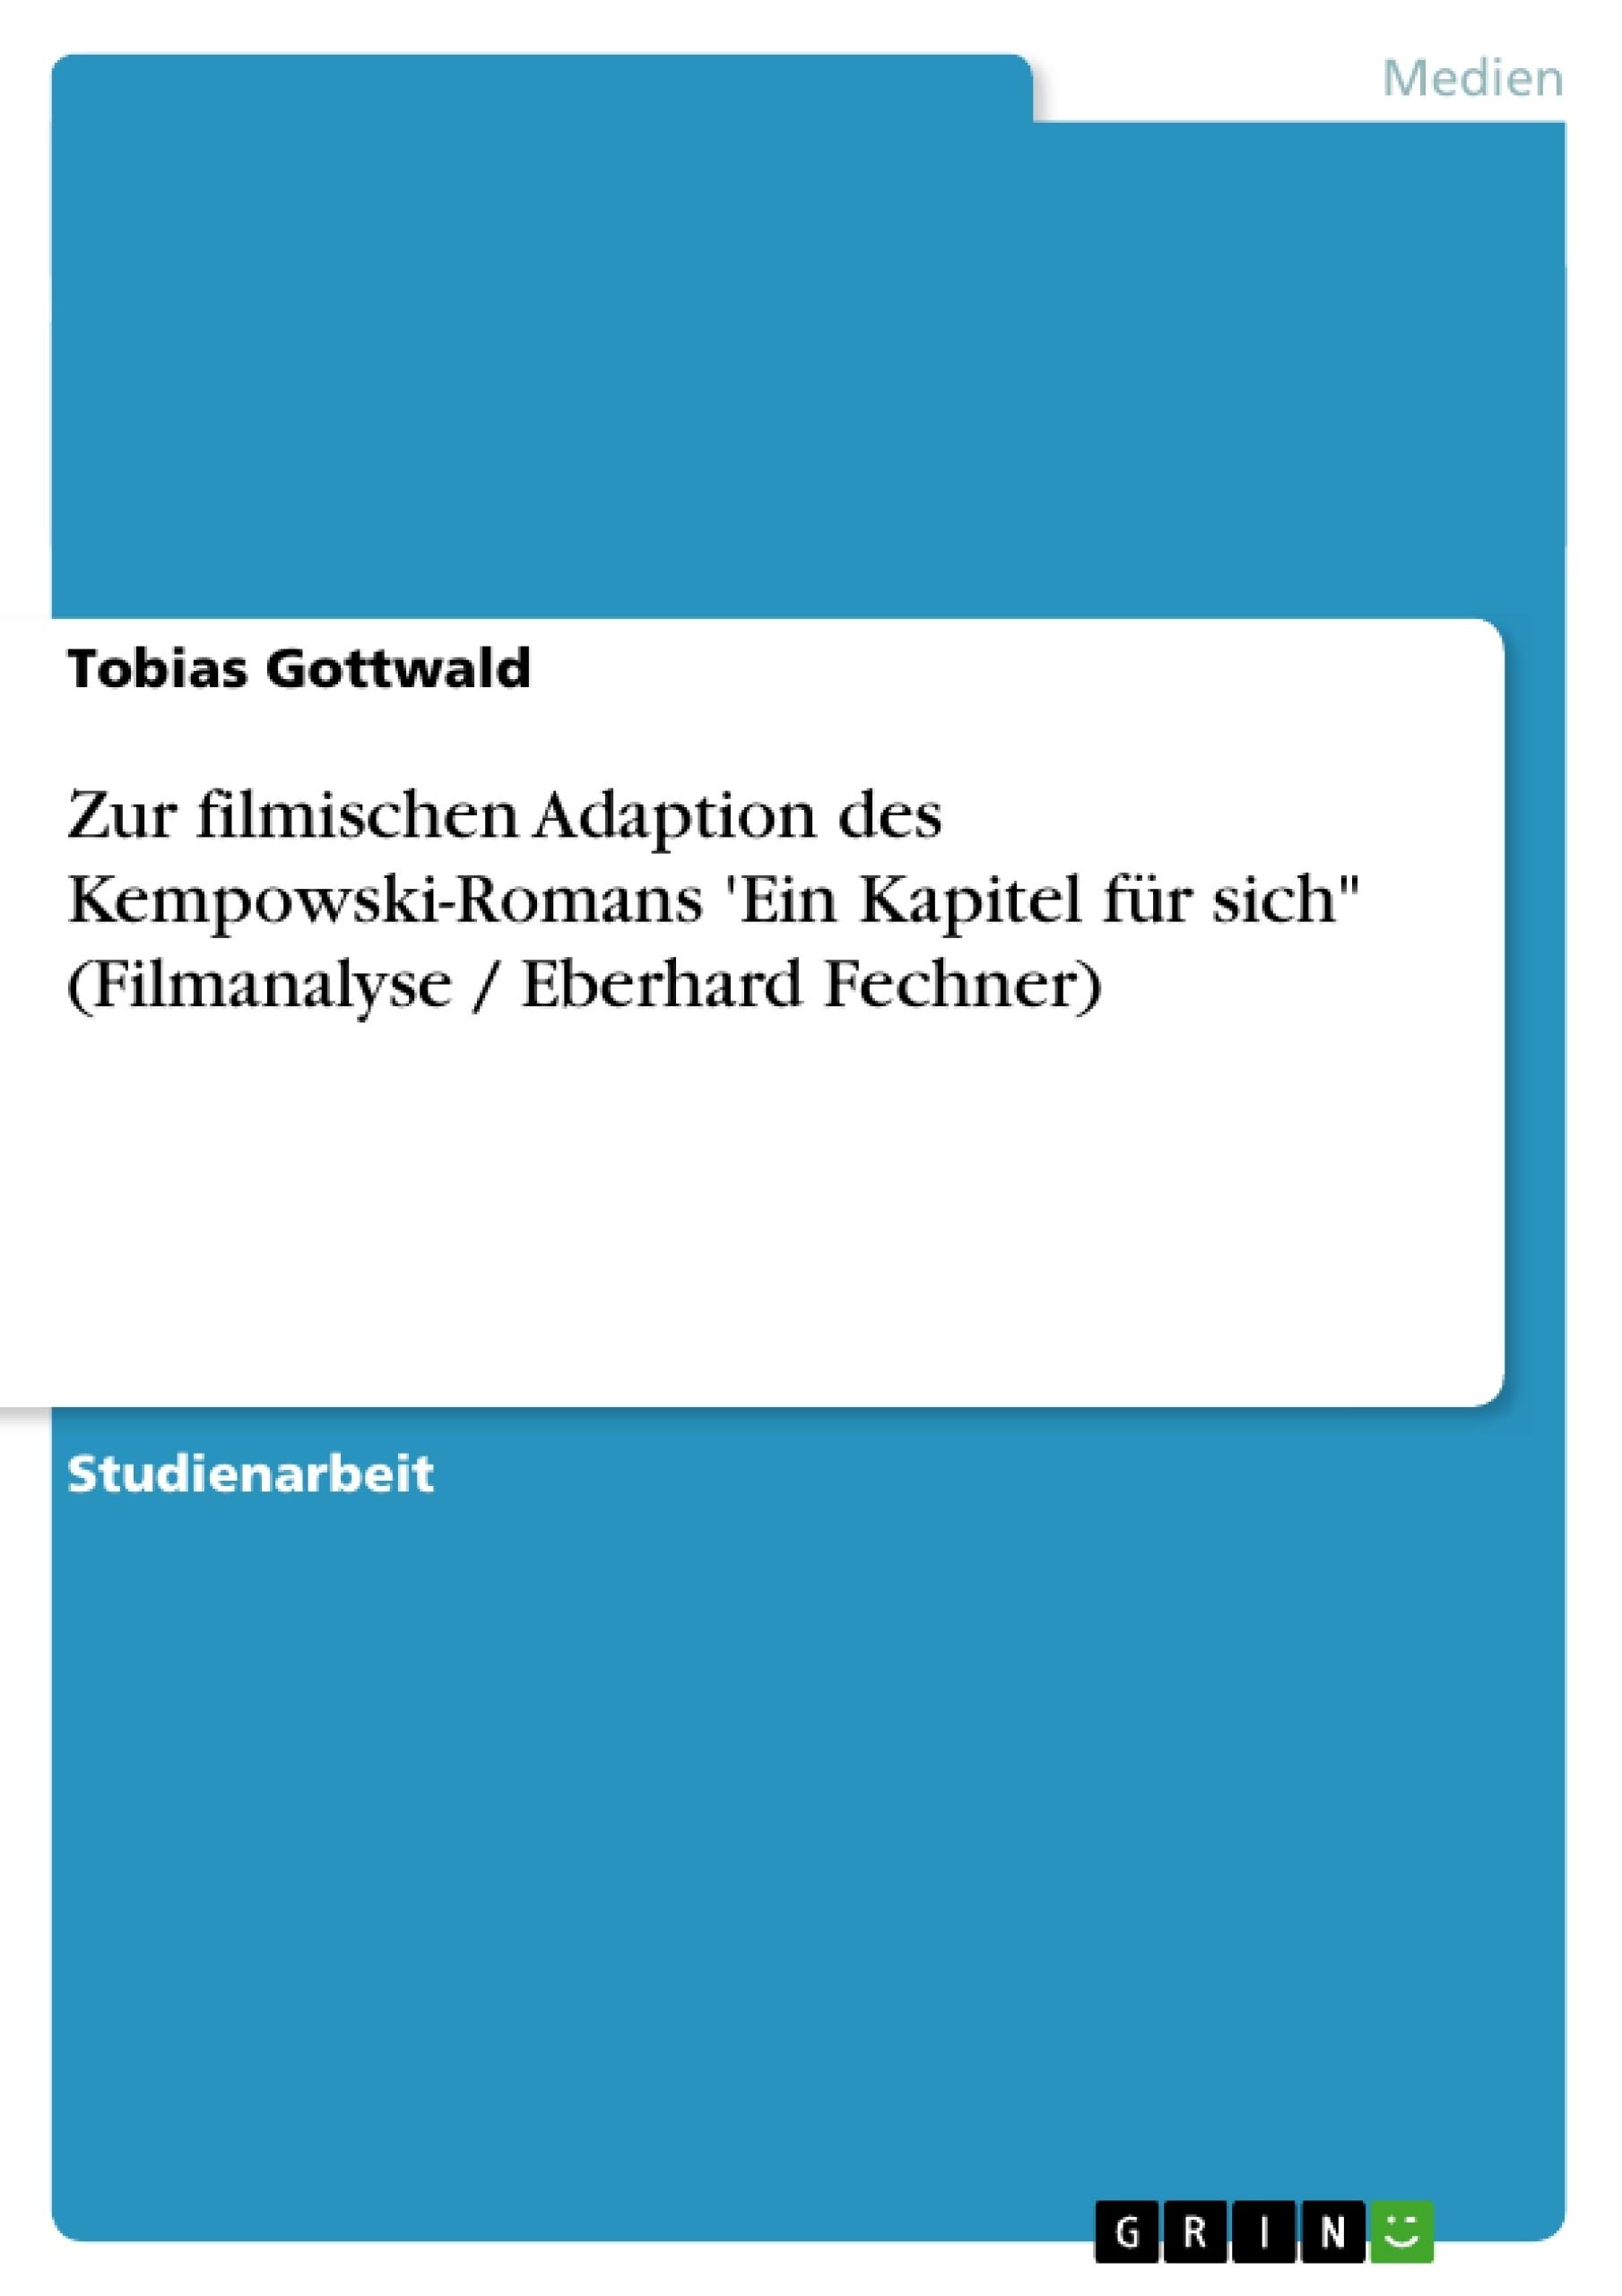 """Titel: Zur filmischen Adaption des Kempowski-Romans 'Ein Kapitel für sich"""" (Filmanalyse / Eberhard Fechner)"""